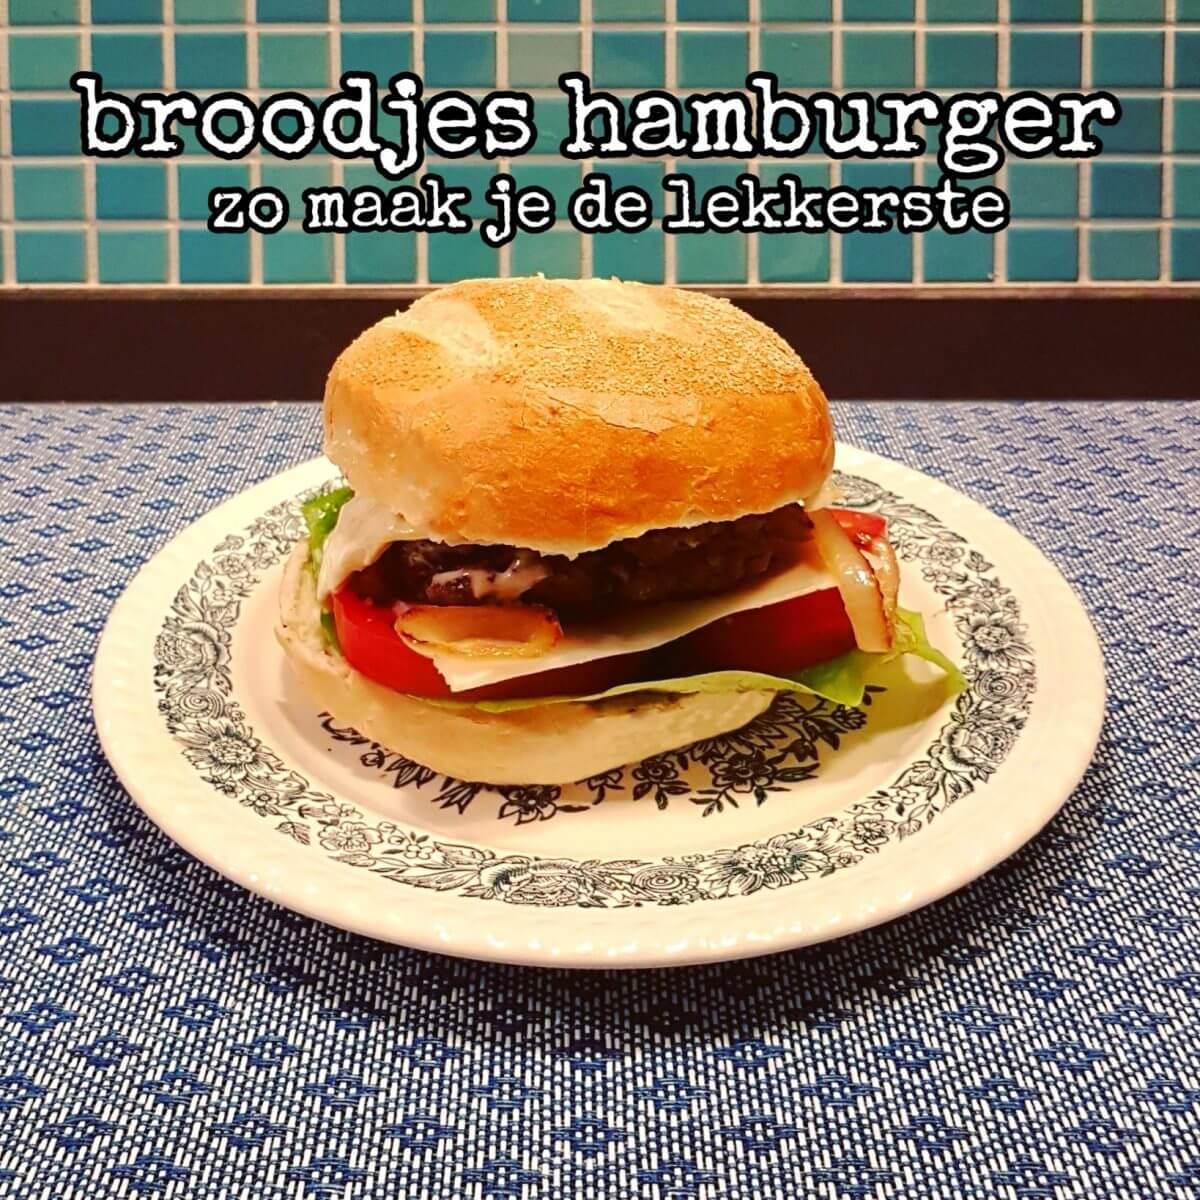 Het recept voor de lekkerste broodjes hamburger